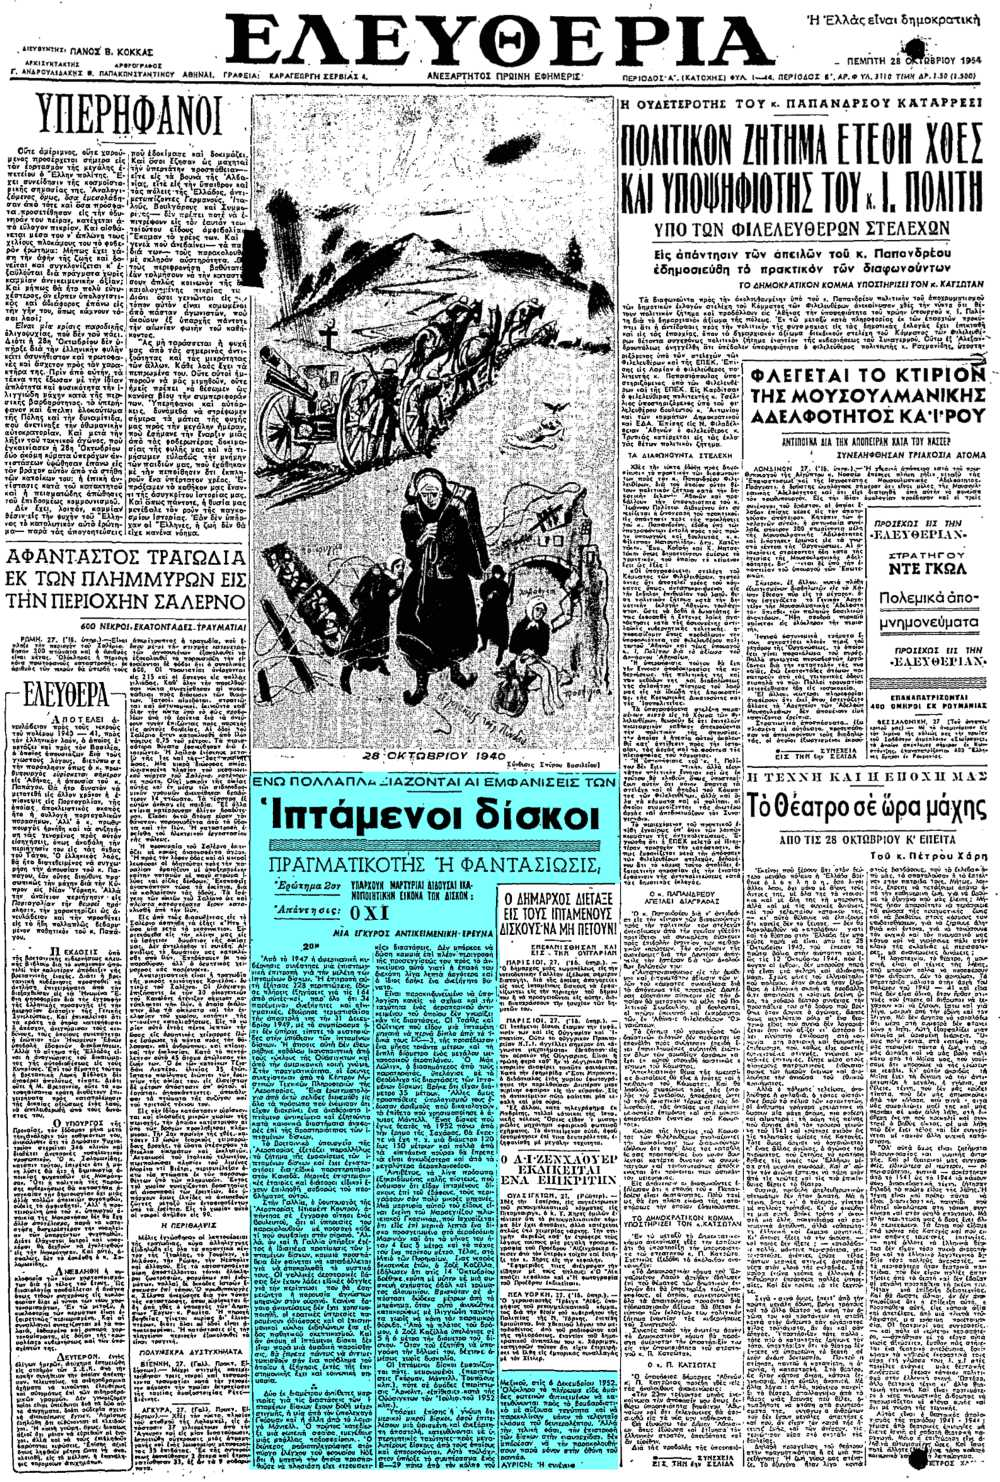 """Το άρθρο, όπως δημοσιεύθηκε στην εφημερίδα """"ΕΛΕΥΘΕΡΙΑ"""", στις 28/10/1954"""